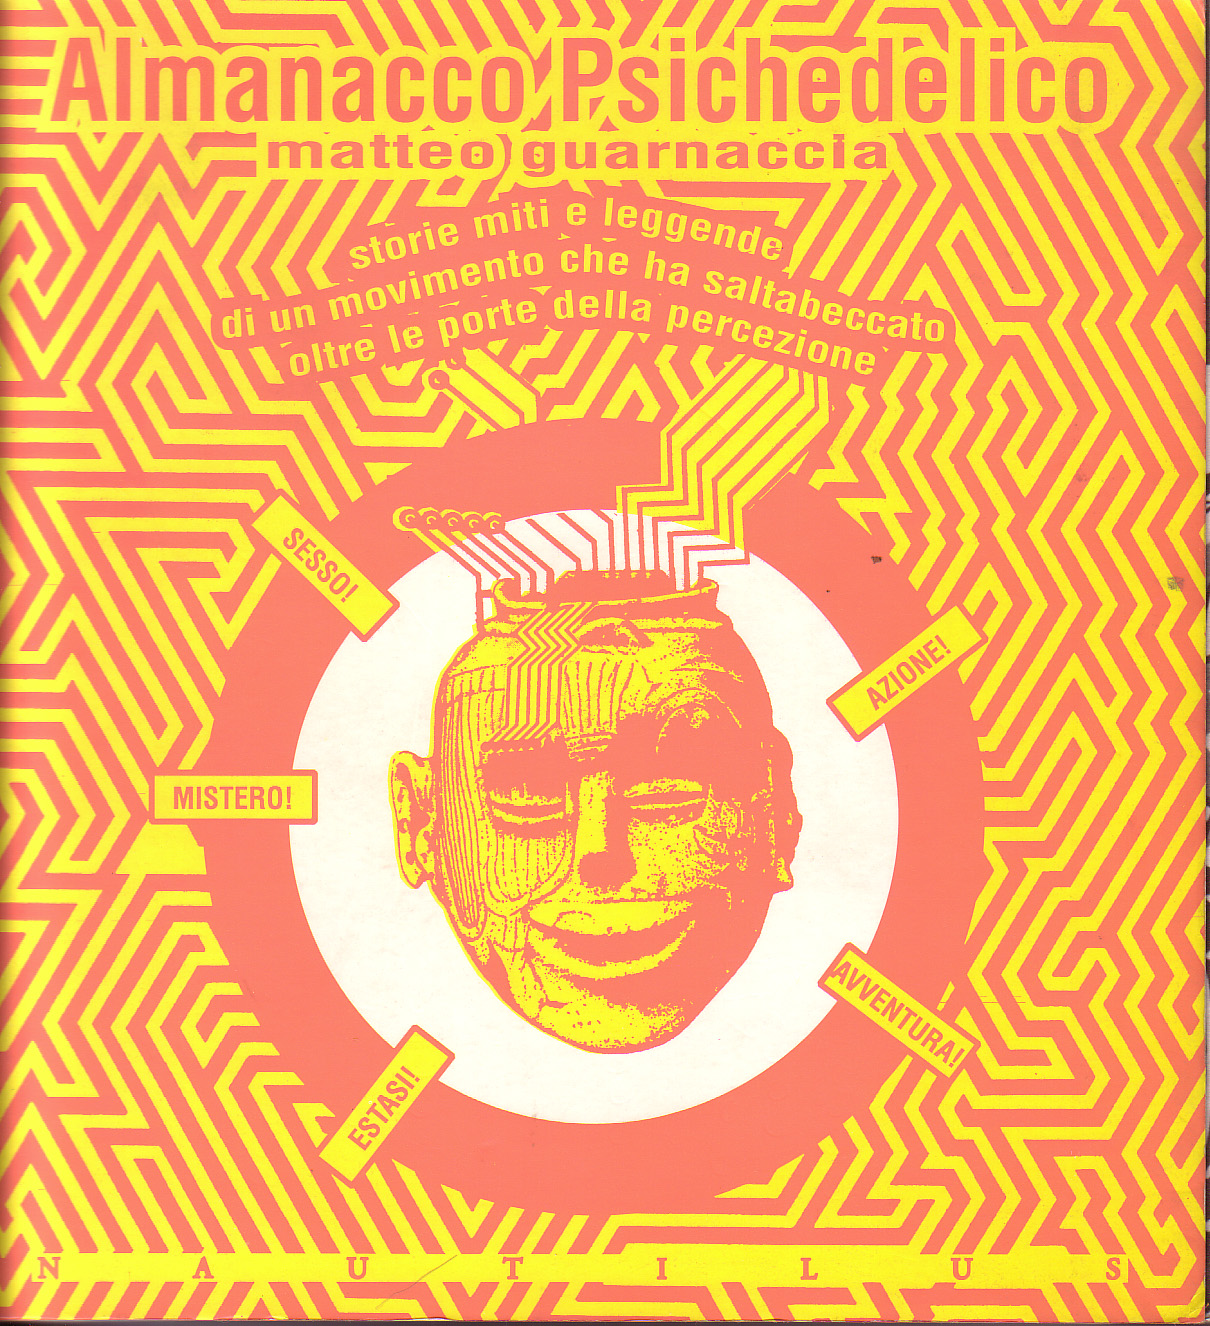 Almanacco psichedeli...